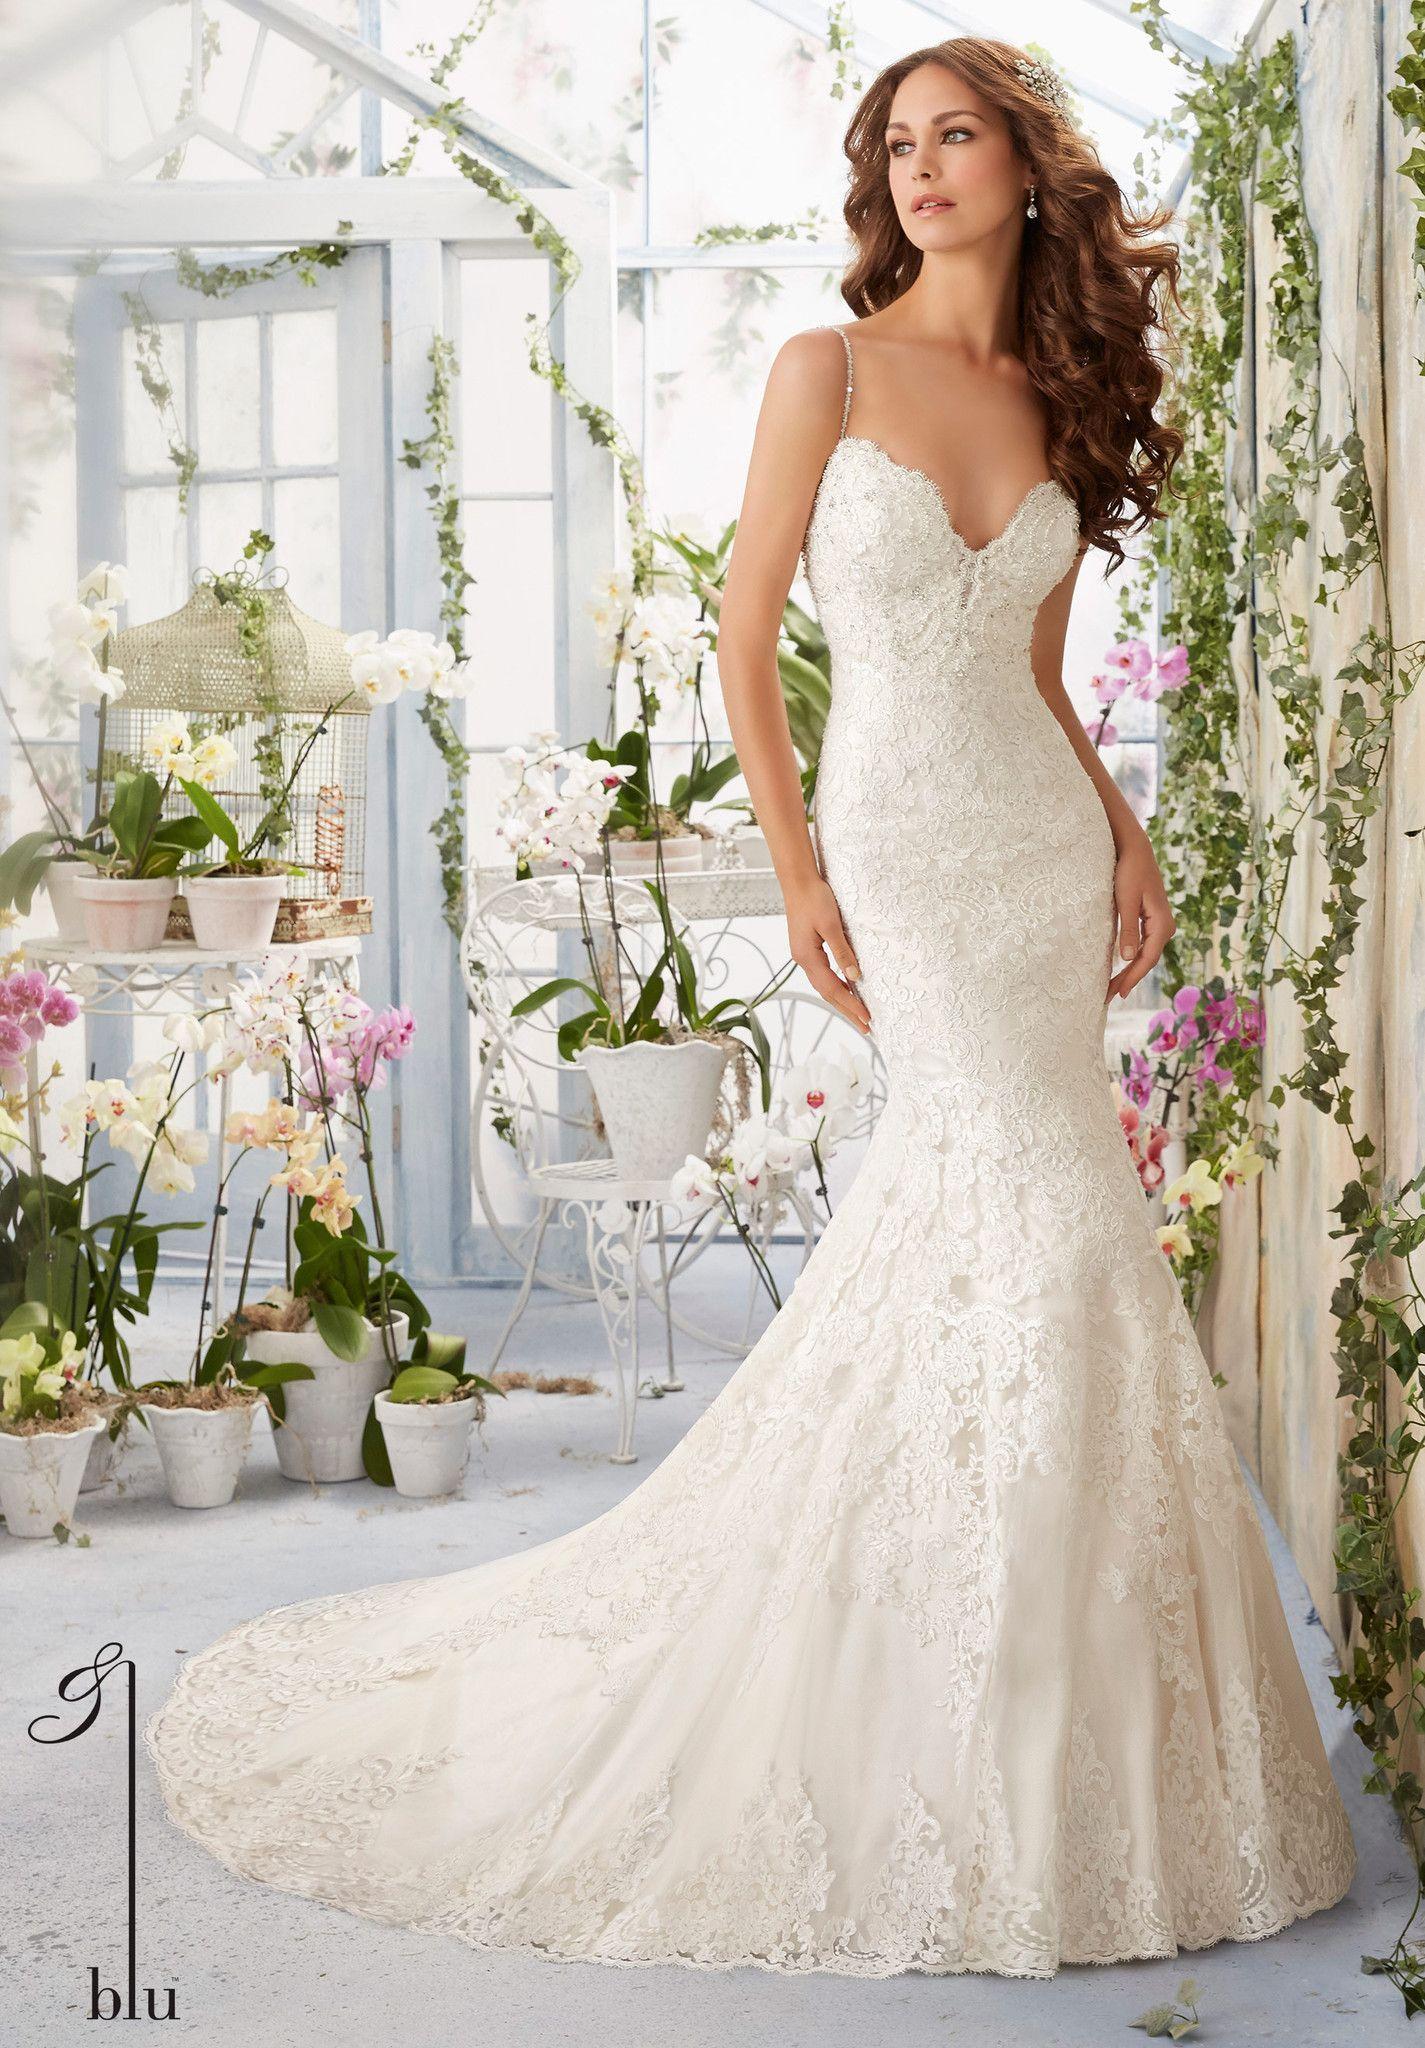 Confeccion de vestidos de novia en bucaramanga